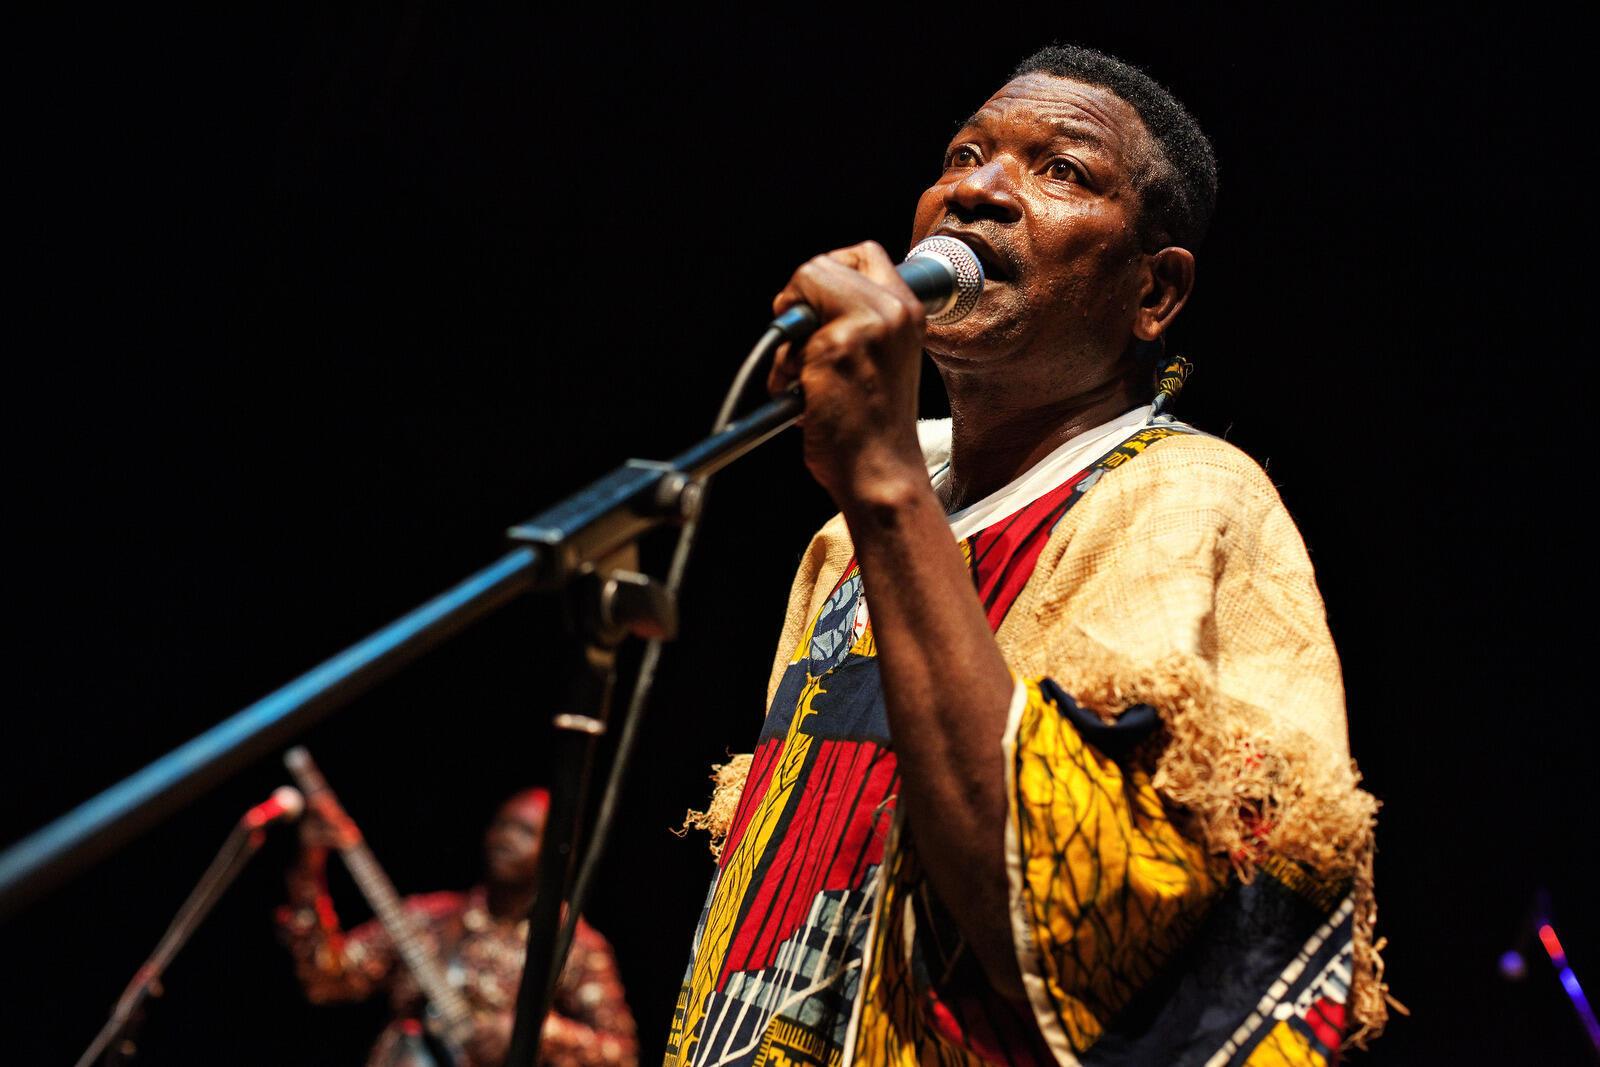 Le chanteur congolais Zao.